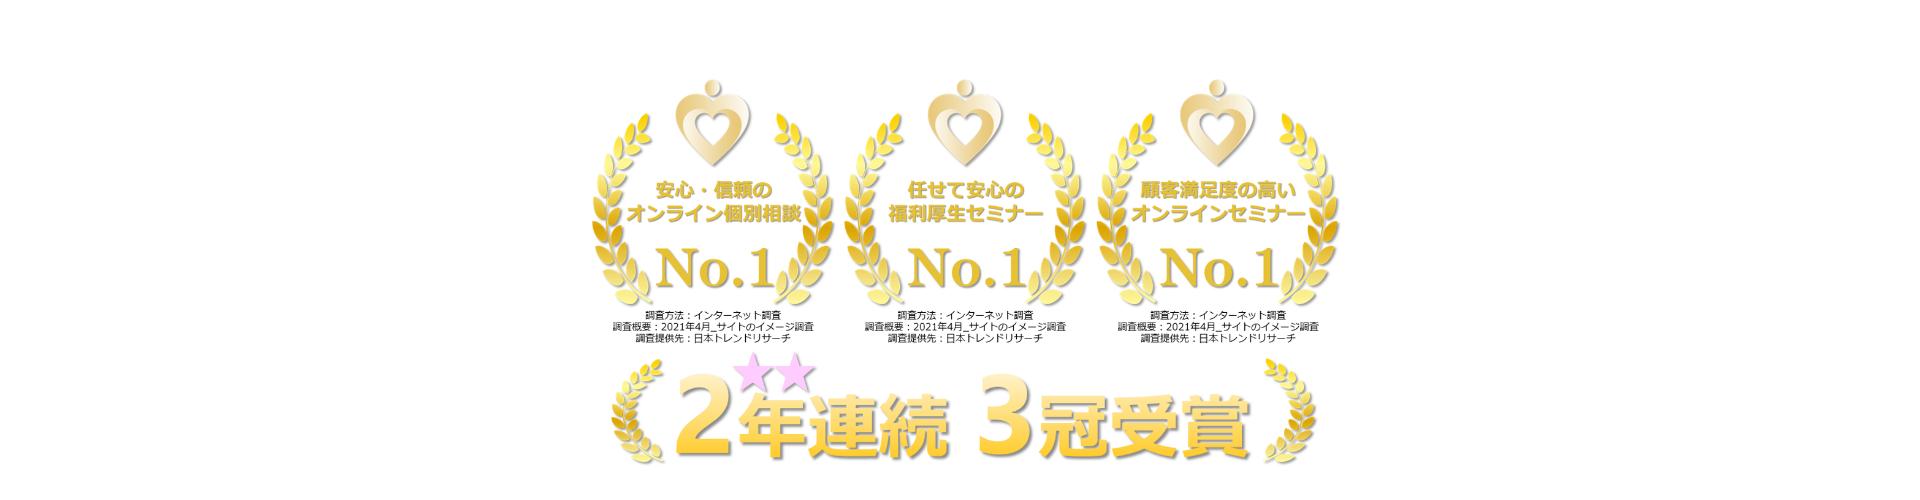 2年連続 No.1 3冠受賞